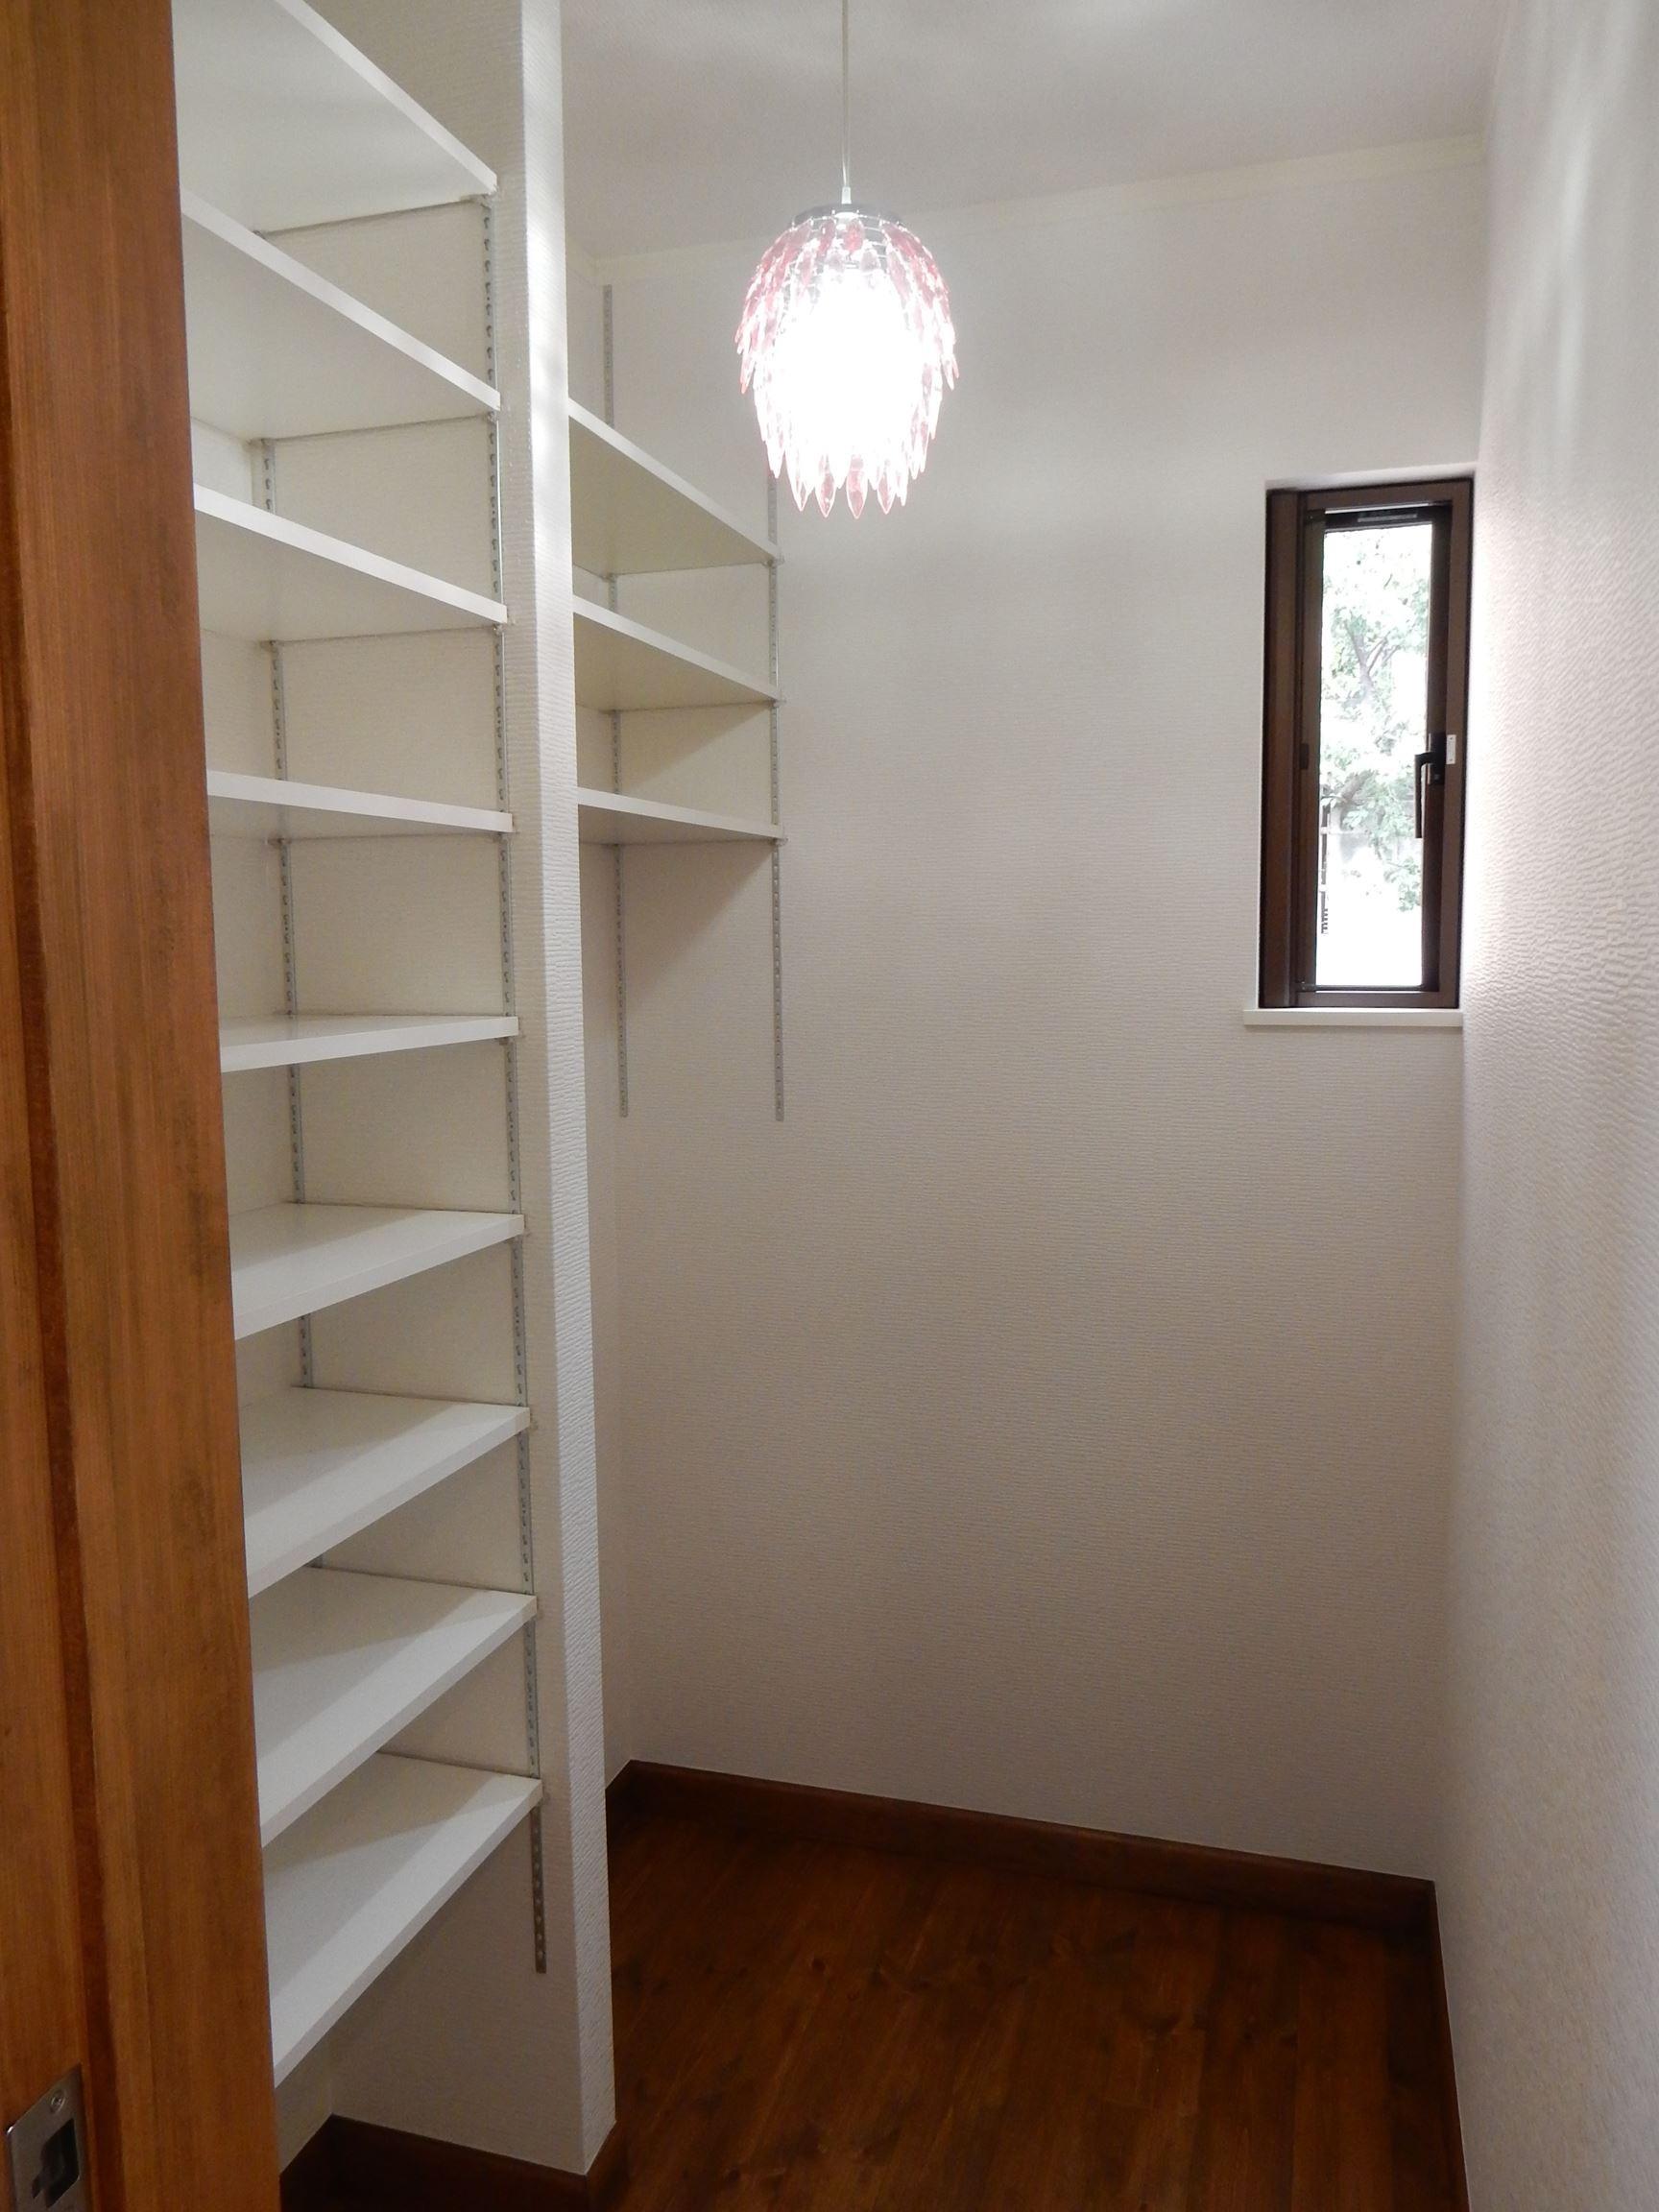 その他事例:奥様の趣味の部屋、洋裁や小物創りを楽しむ空間(古材を蘇らせた光と風の片流れの家)